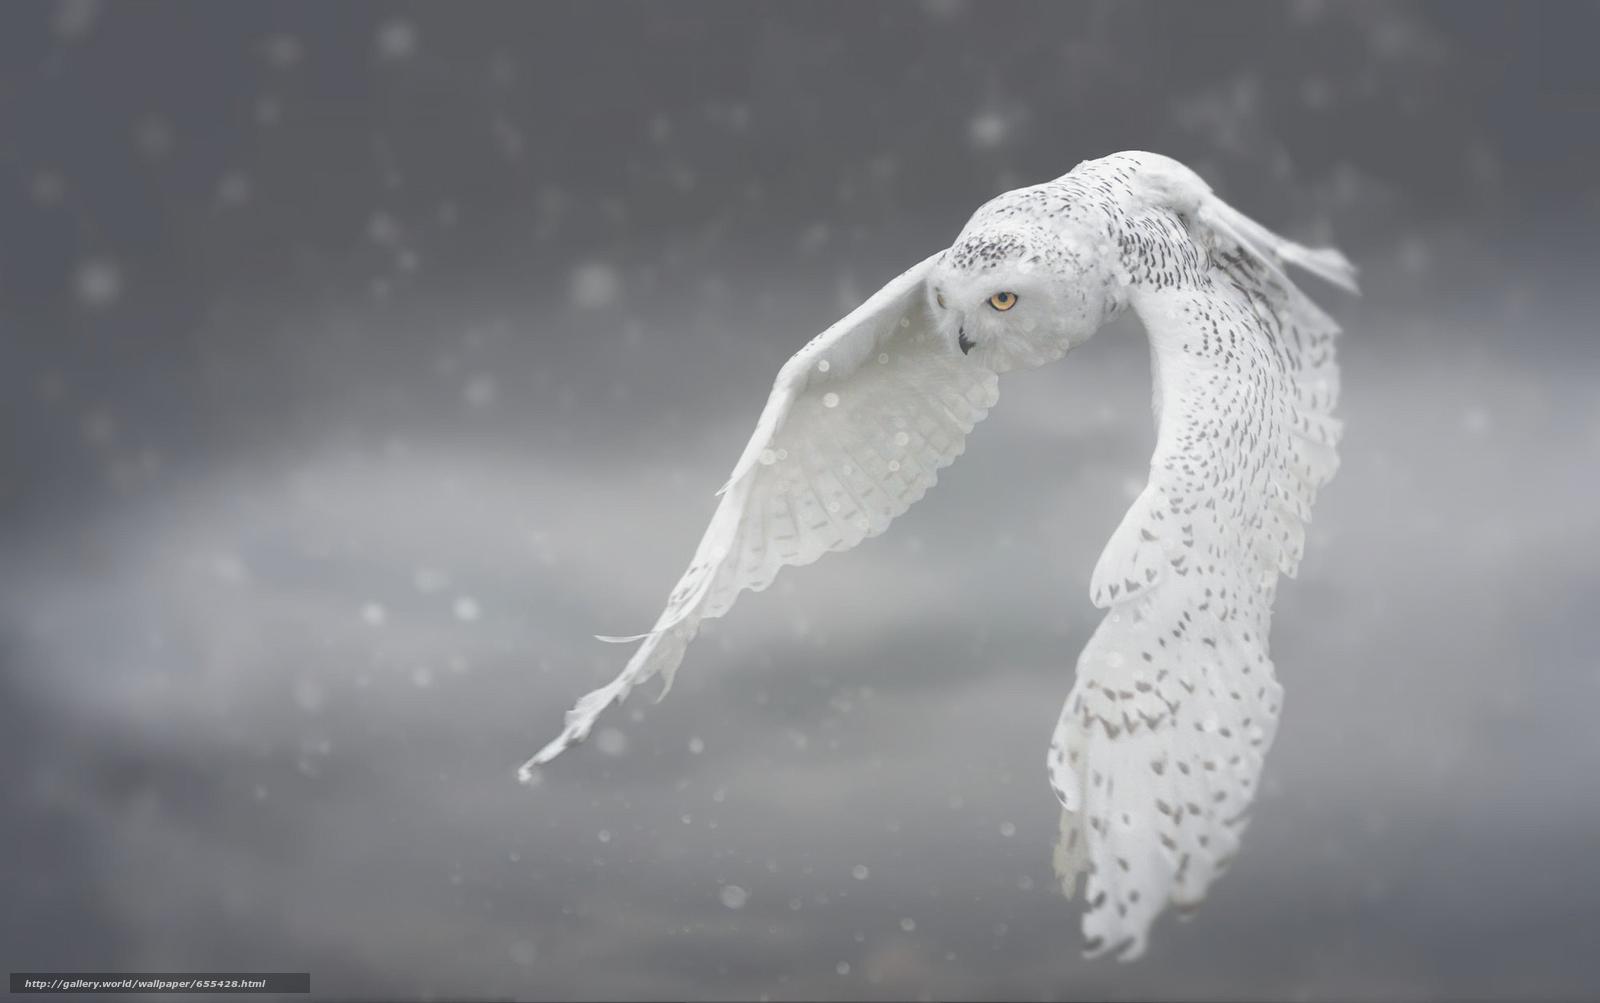 Скачать обои полярная сова,  белая сова,  сова,  птица бесплатно для рабочего стола в разрешении 2000x1254 — картинка №655428